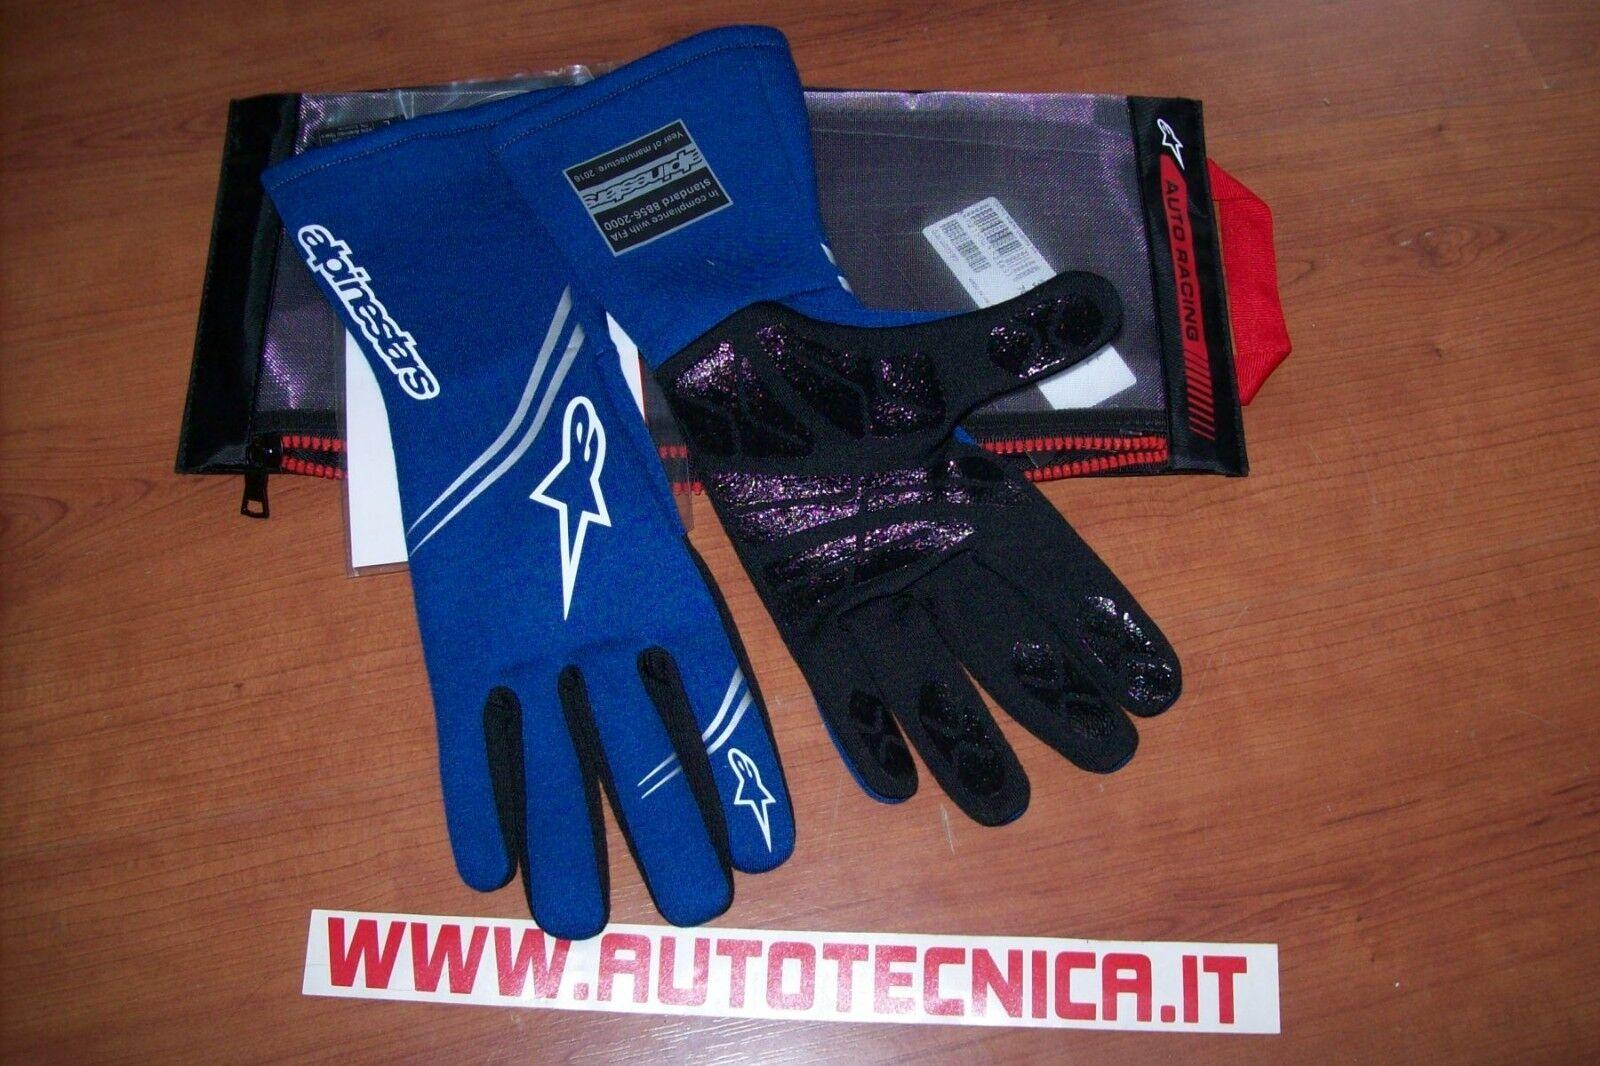 Guanti auto rally pista Alpinestars Tech 1 Start tg L blue omolog. Fia 8856 2000